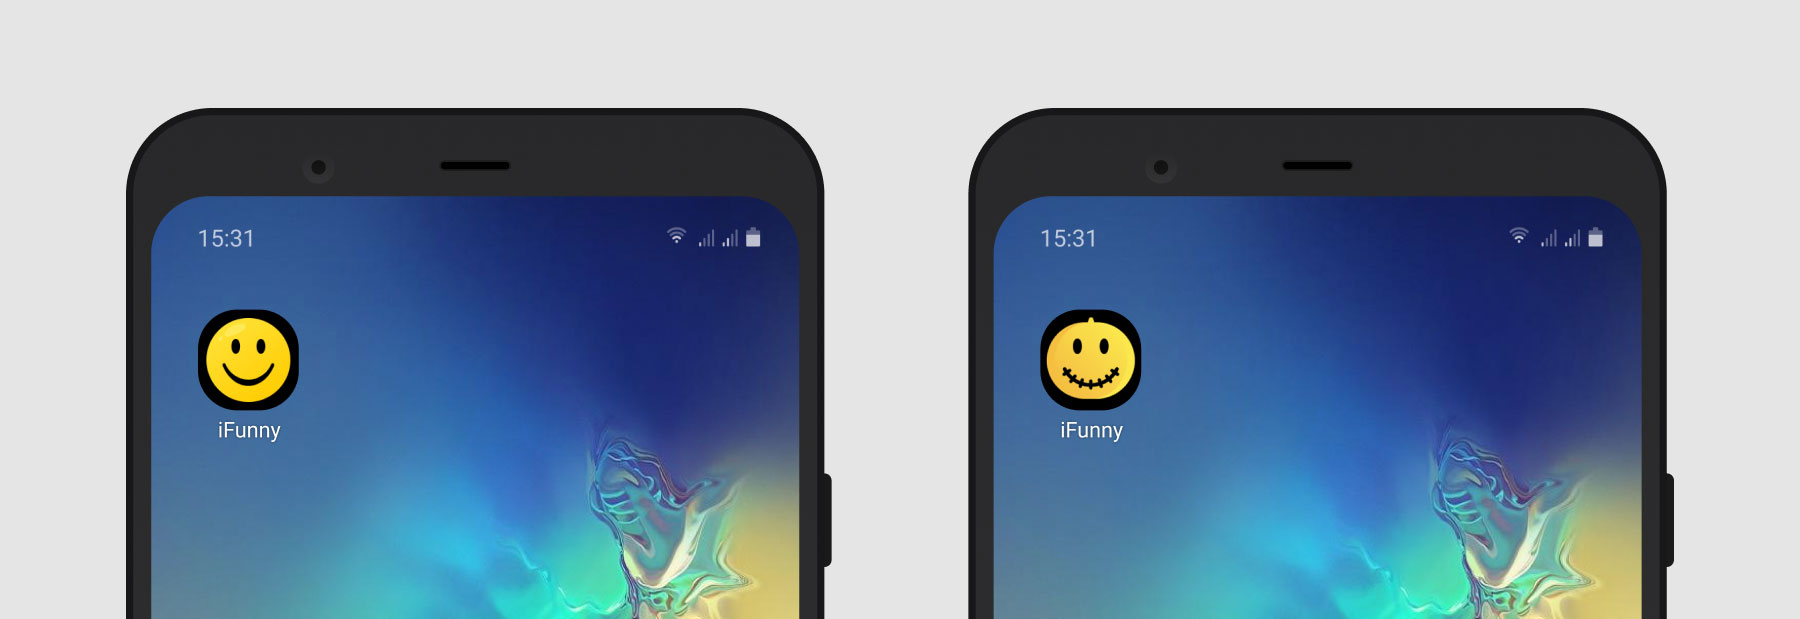 Дополняем чек-лист тестирования при обновлении иконки и сплеша в мобильных приложениях - 2